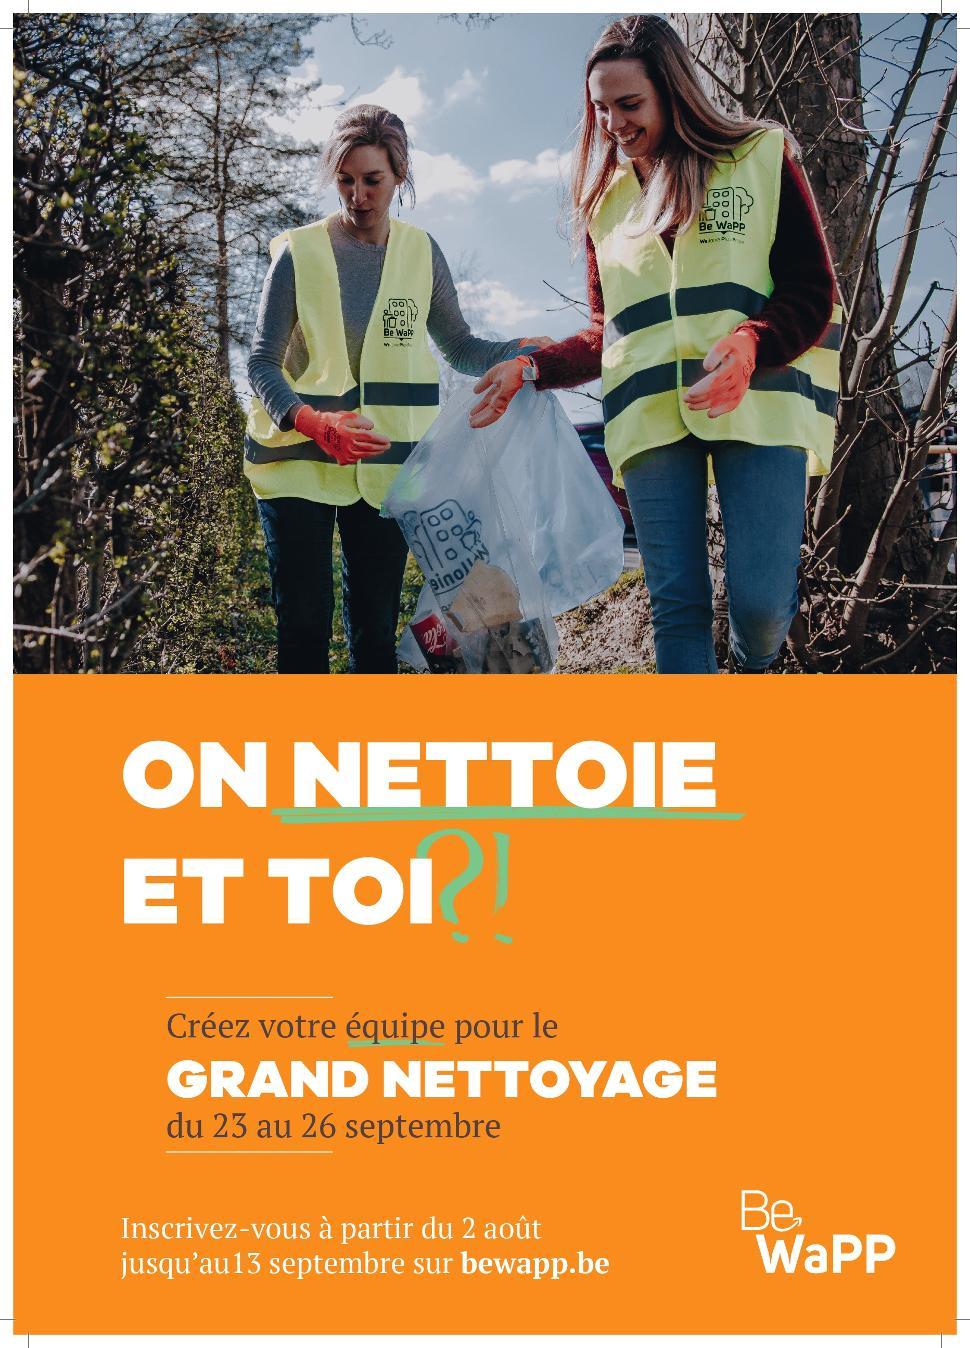 Grand Nettoyage 2 ©BeWaPP 09-2021